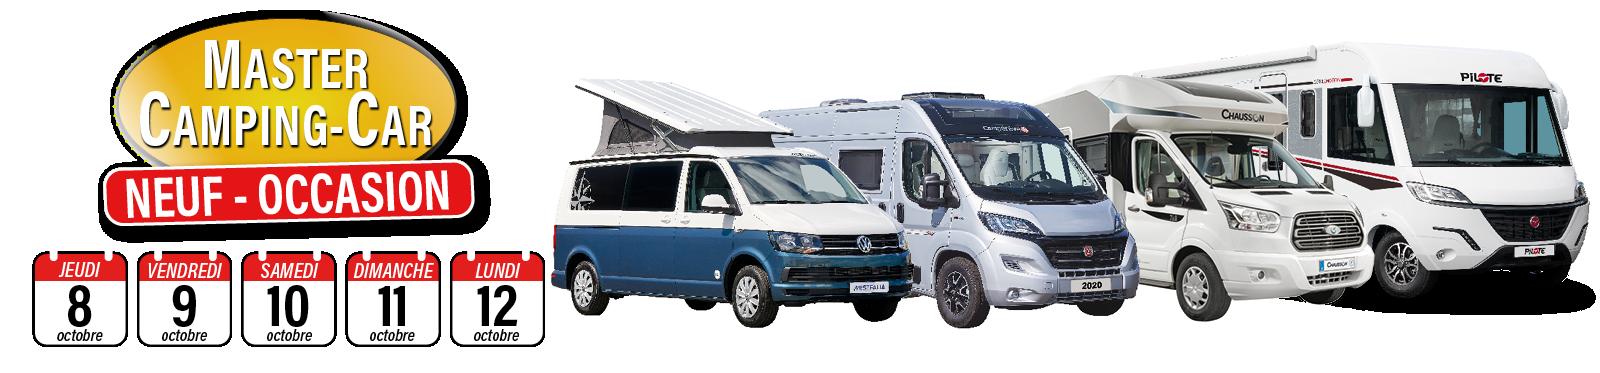 Master Camping car Rouen